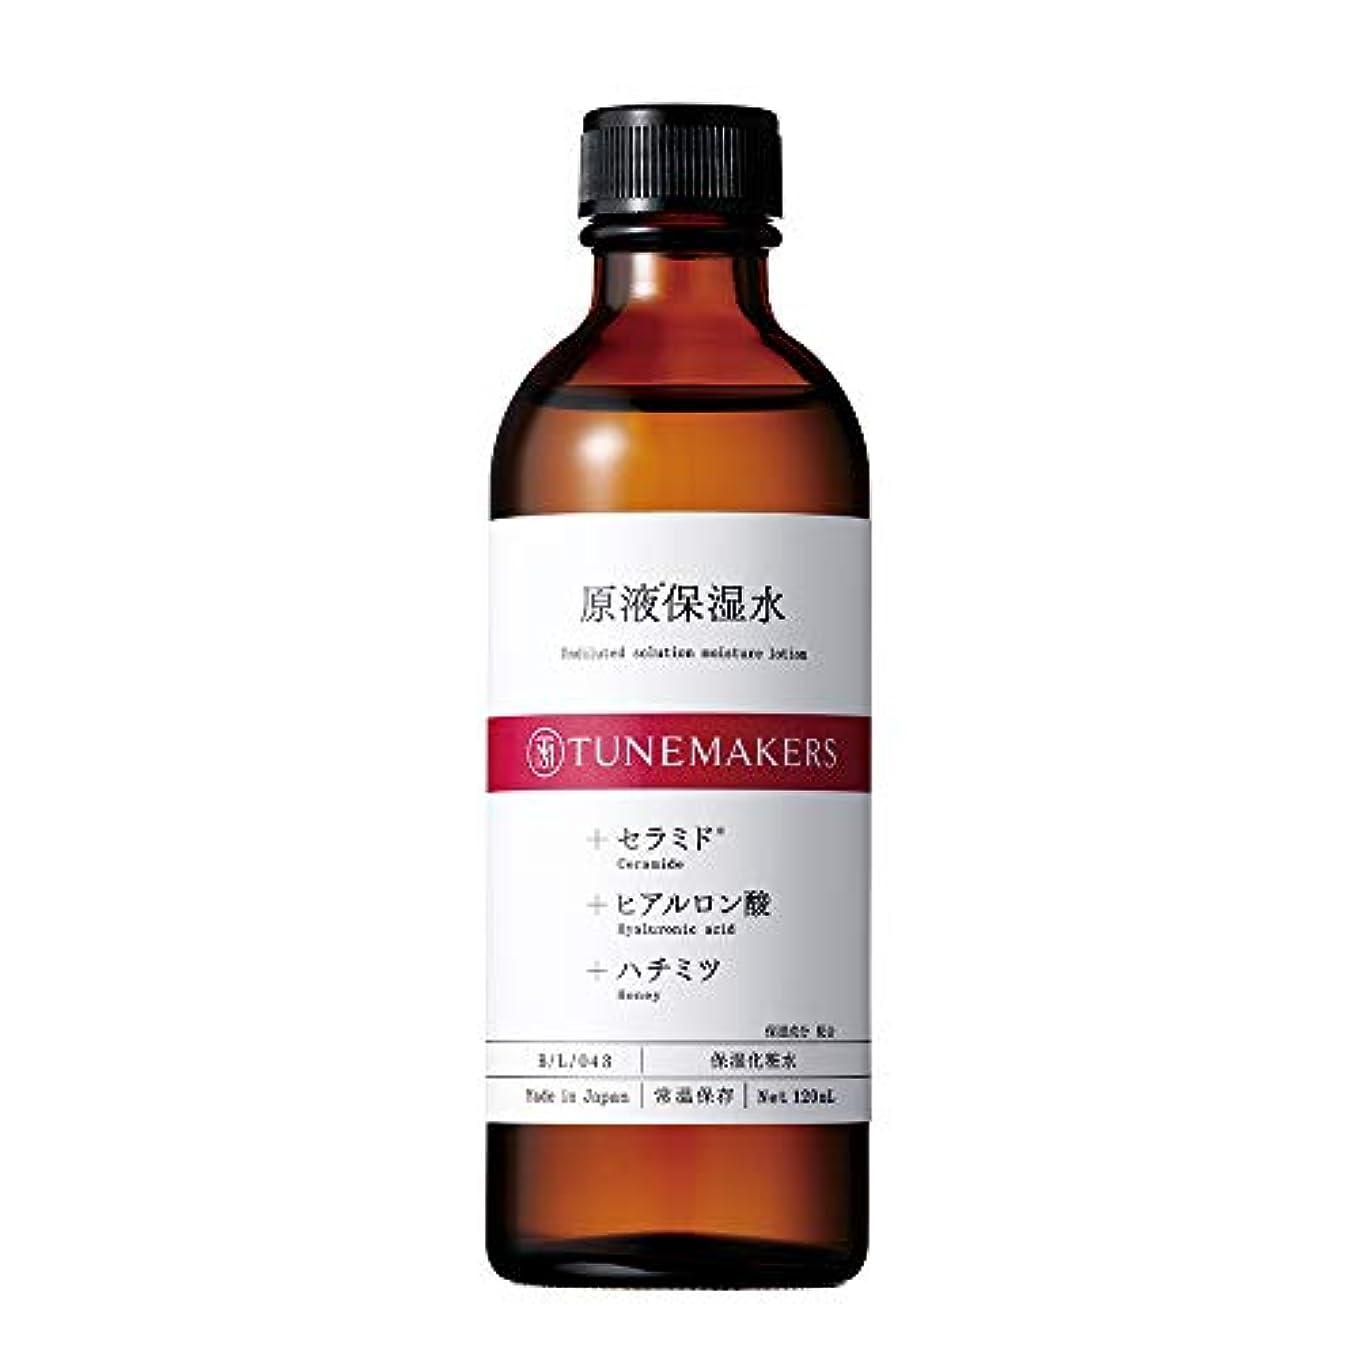 副詞脳に対処するTUNEMAKERS(チューンメーカーズ) 原液保湿水 化粧水 120ml